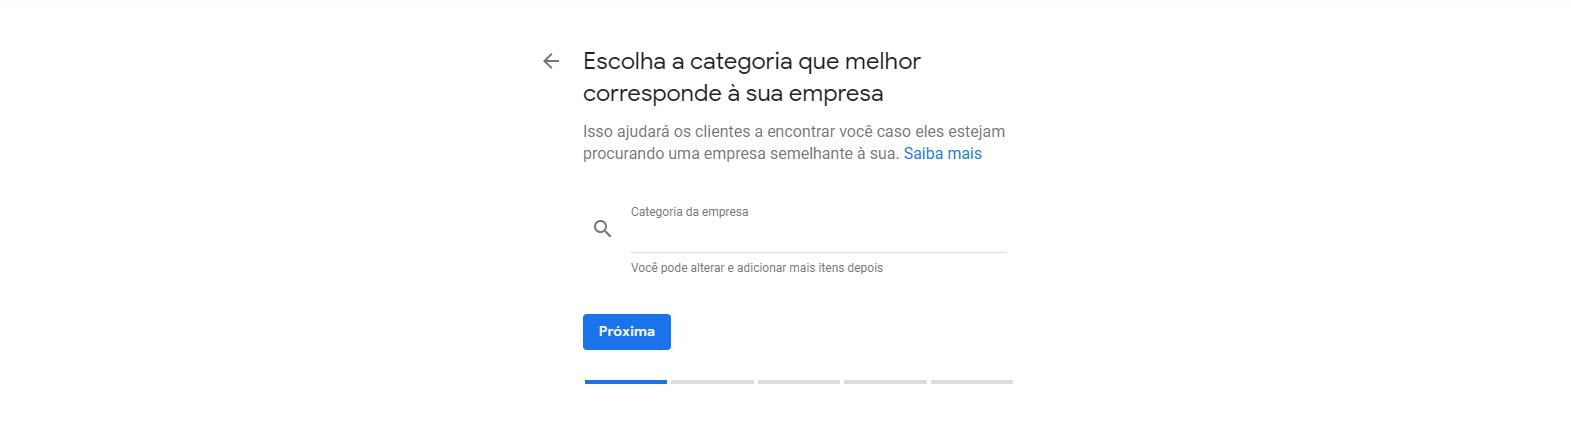 Quarto passo para cadastrar empresa no Google Meu Negócio. Nesta tela você determina as categorias que sua empresa se encaixa.